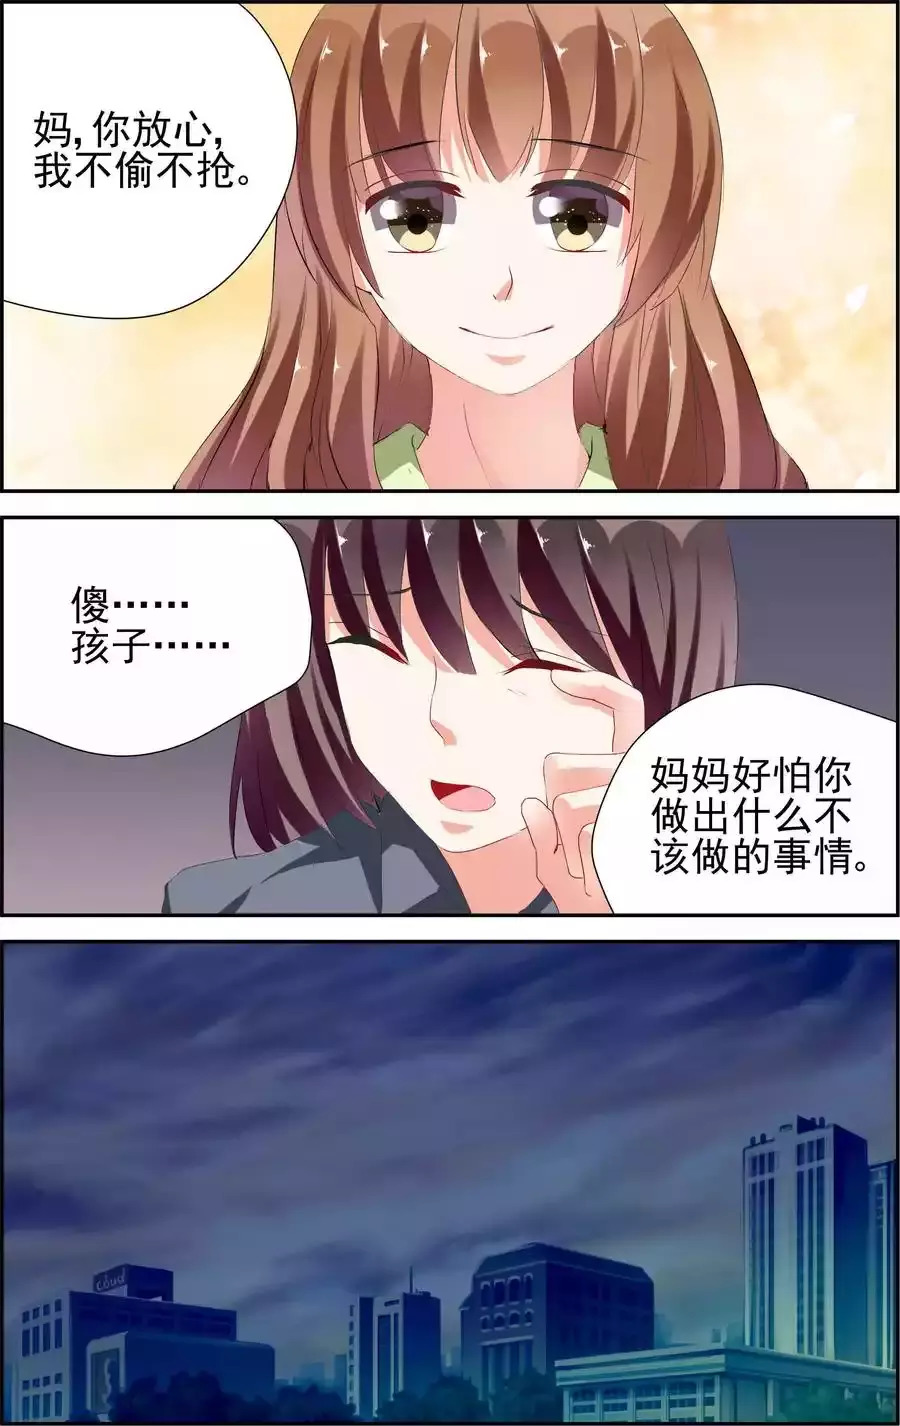 纯情花嫁第56话   第 3